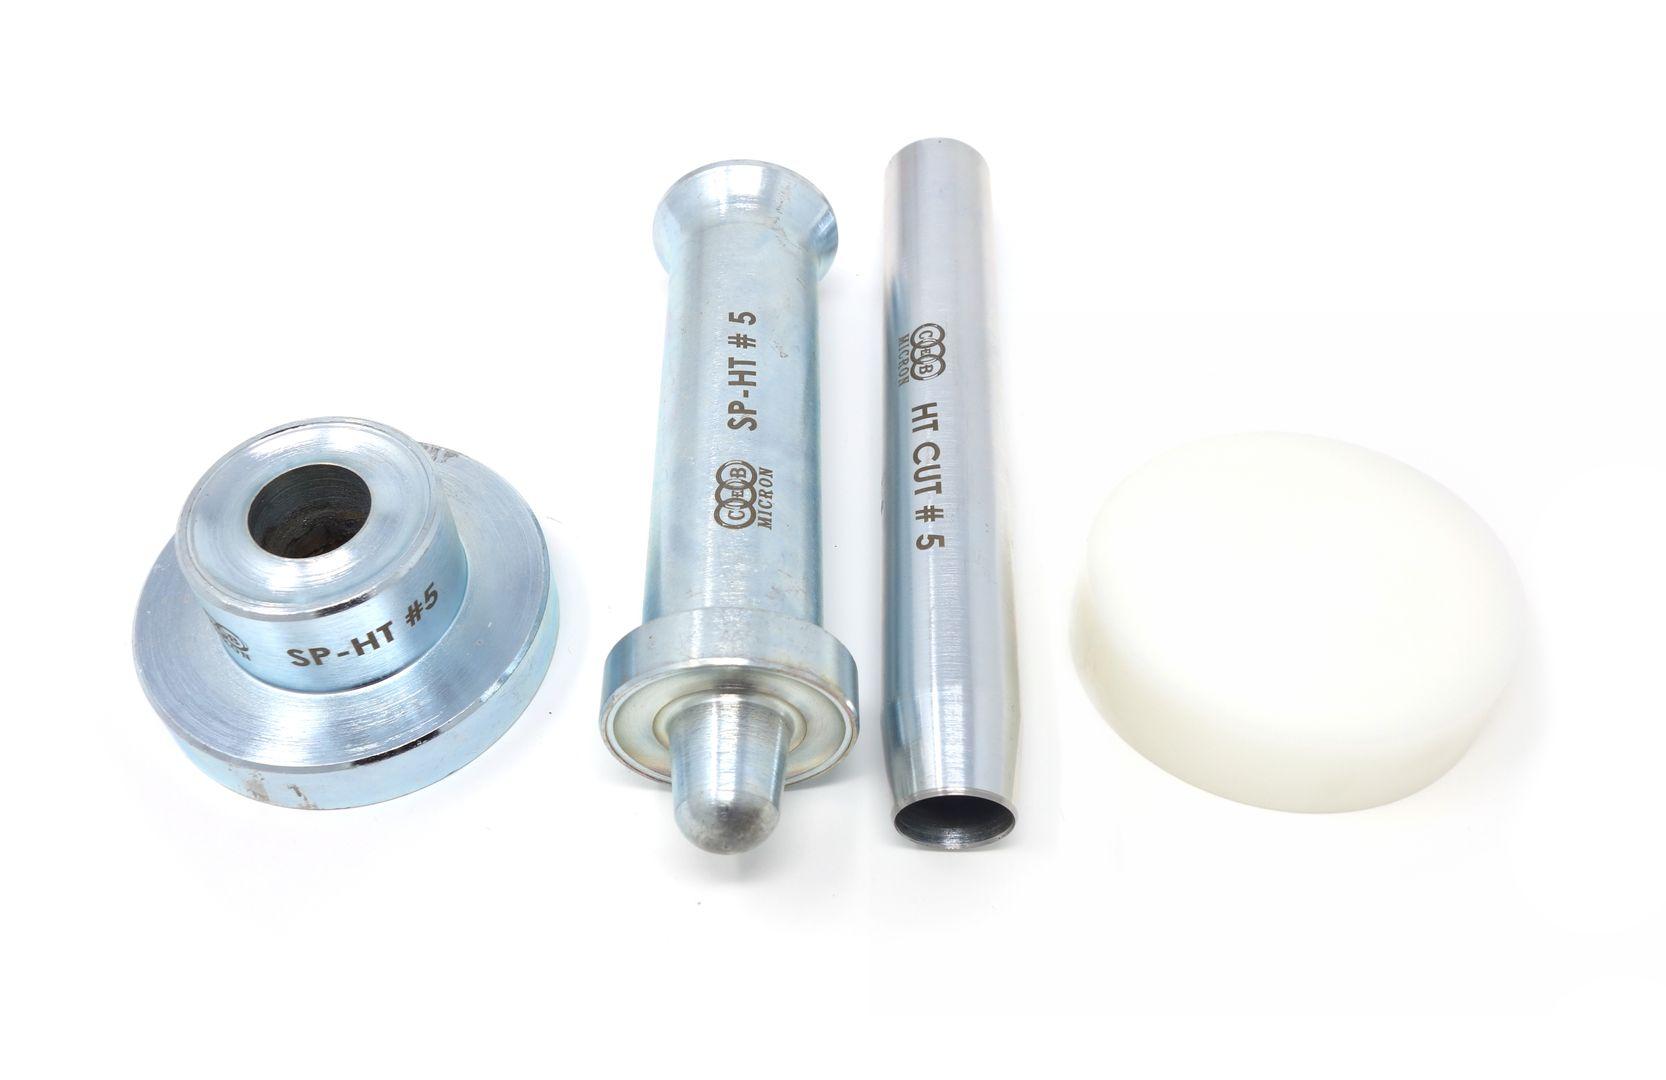 Hochwertige Einschlagwerkzeuge aus Edelstahl für Ösen von 8,0 - 50,0 mm – Bild 7